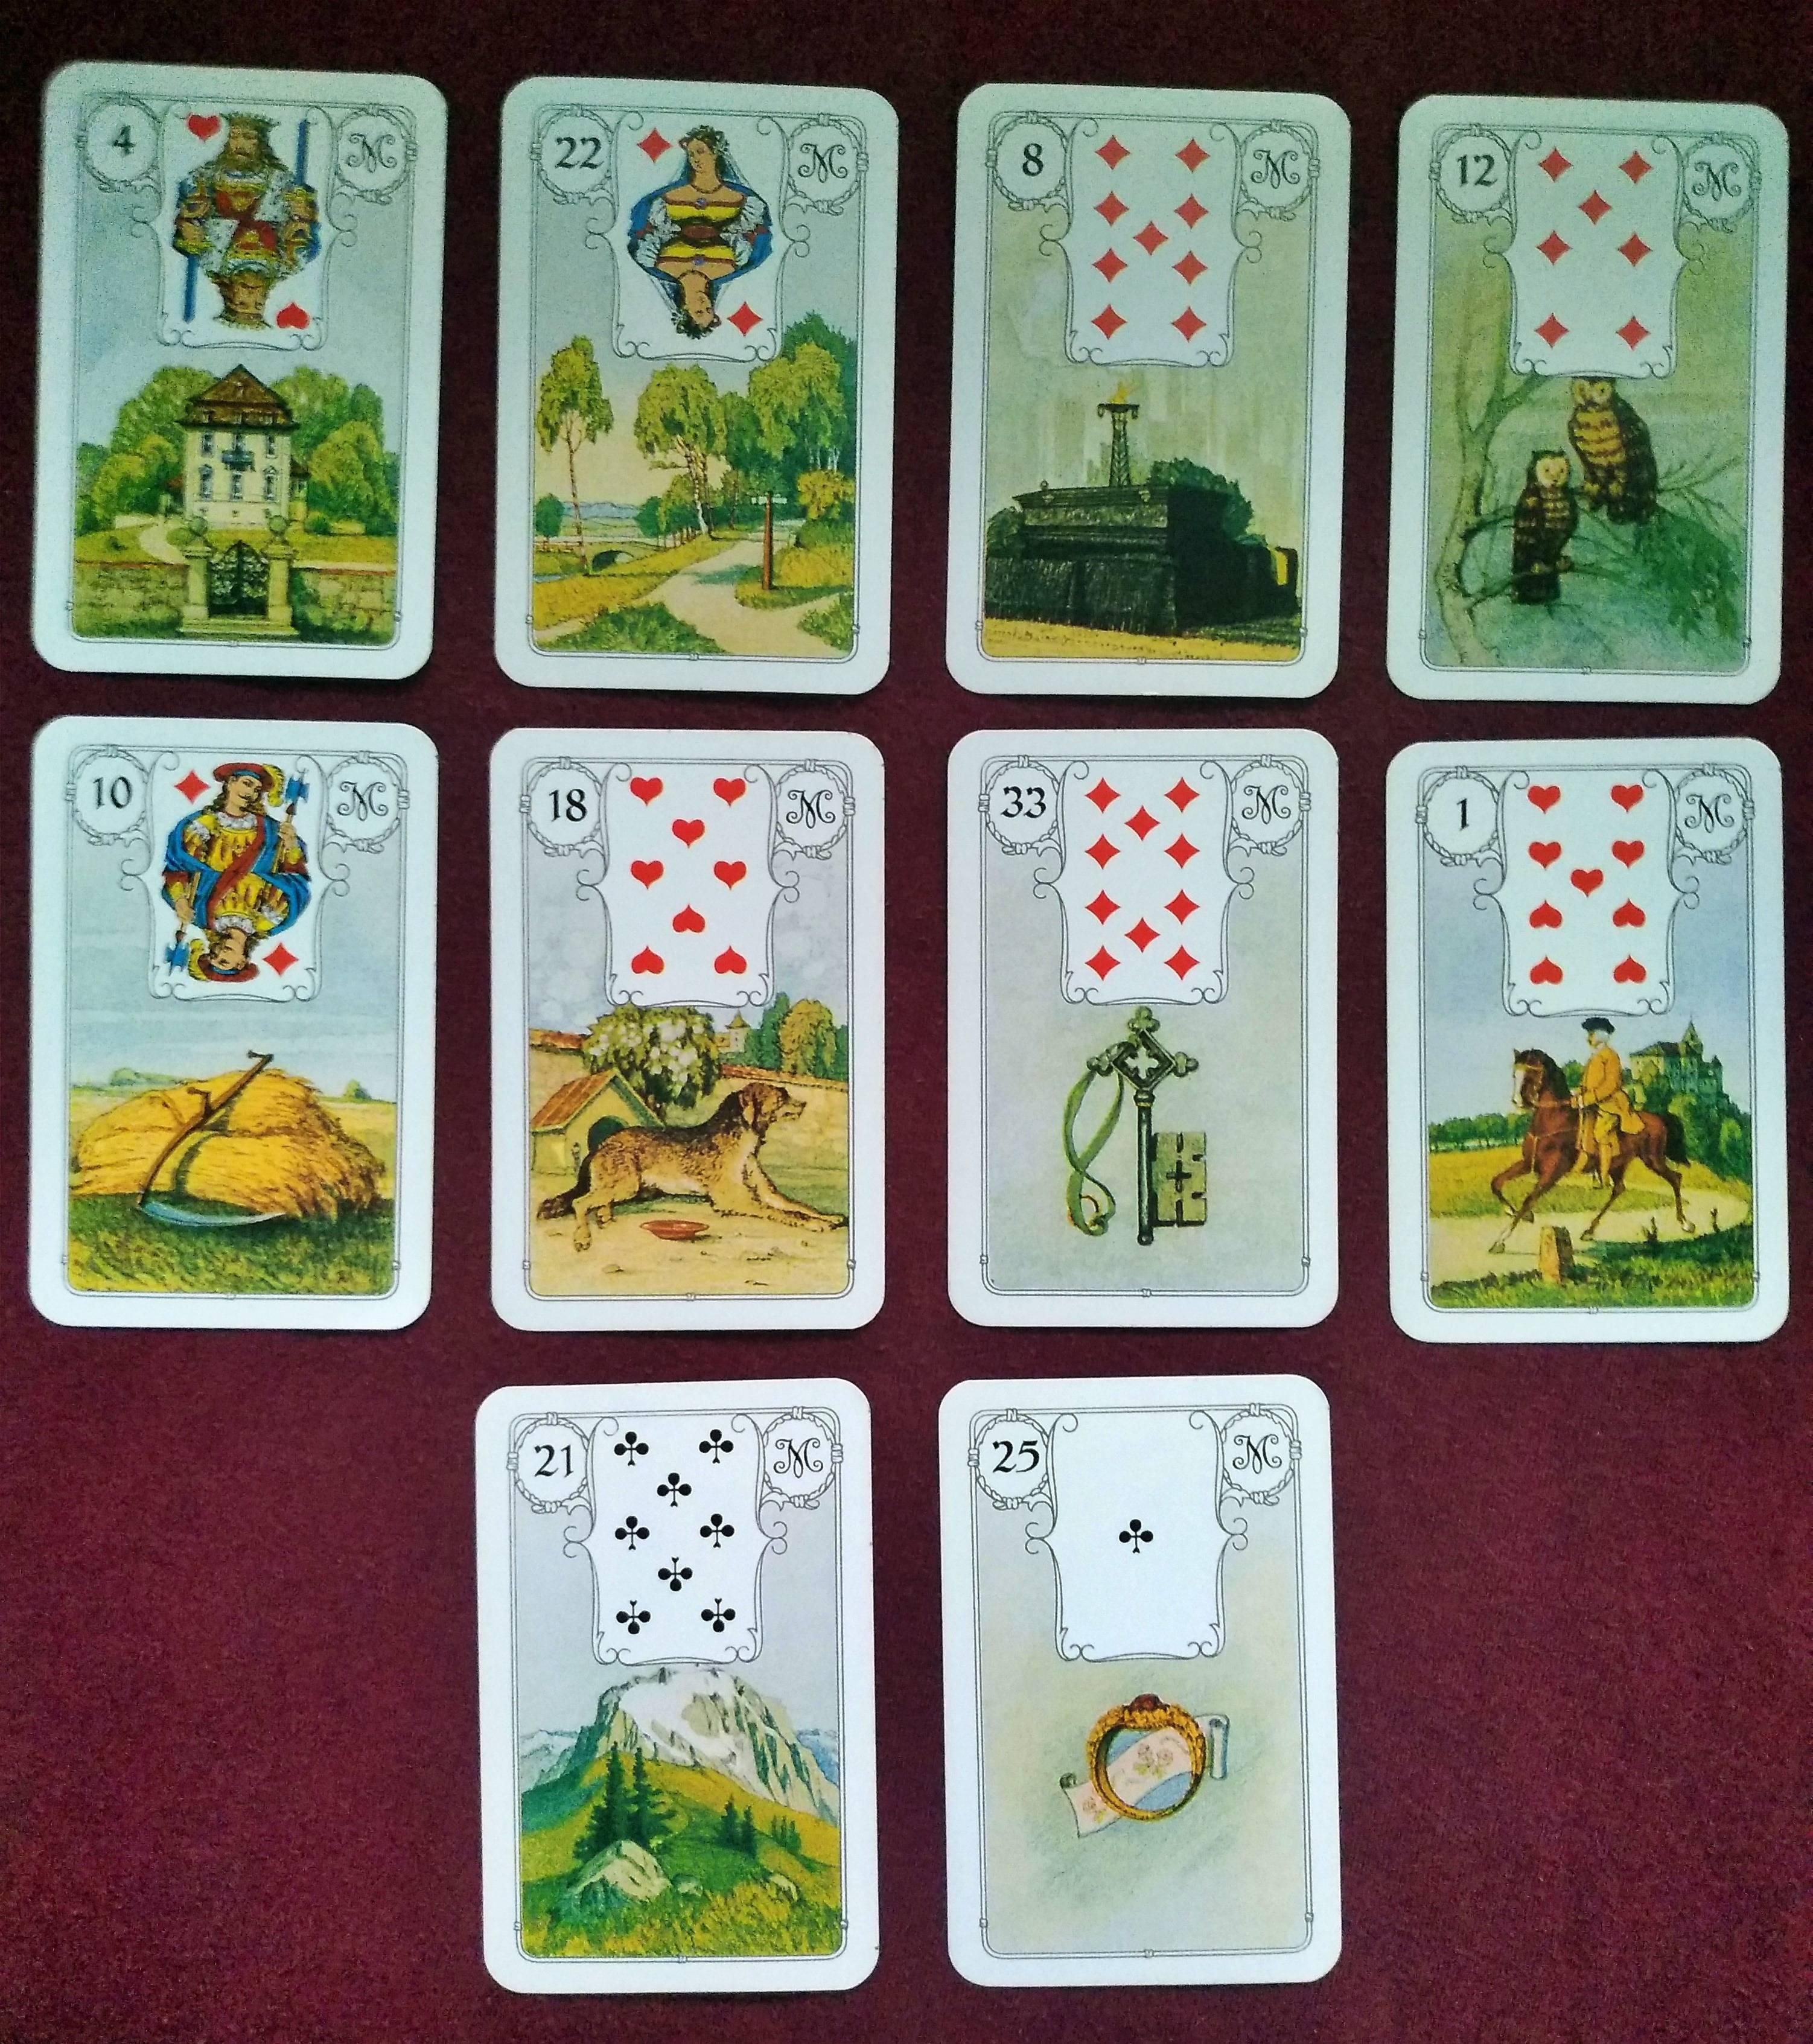 Расклад ленорман на 4 карты